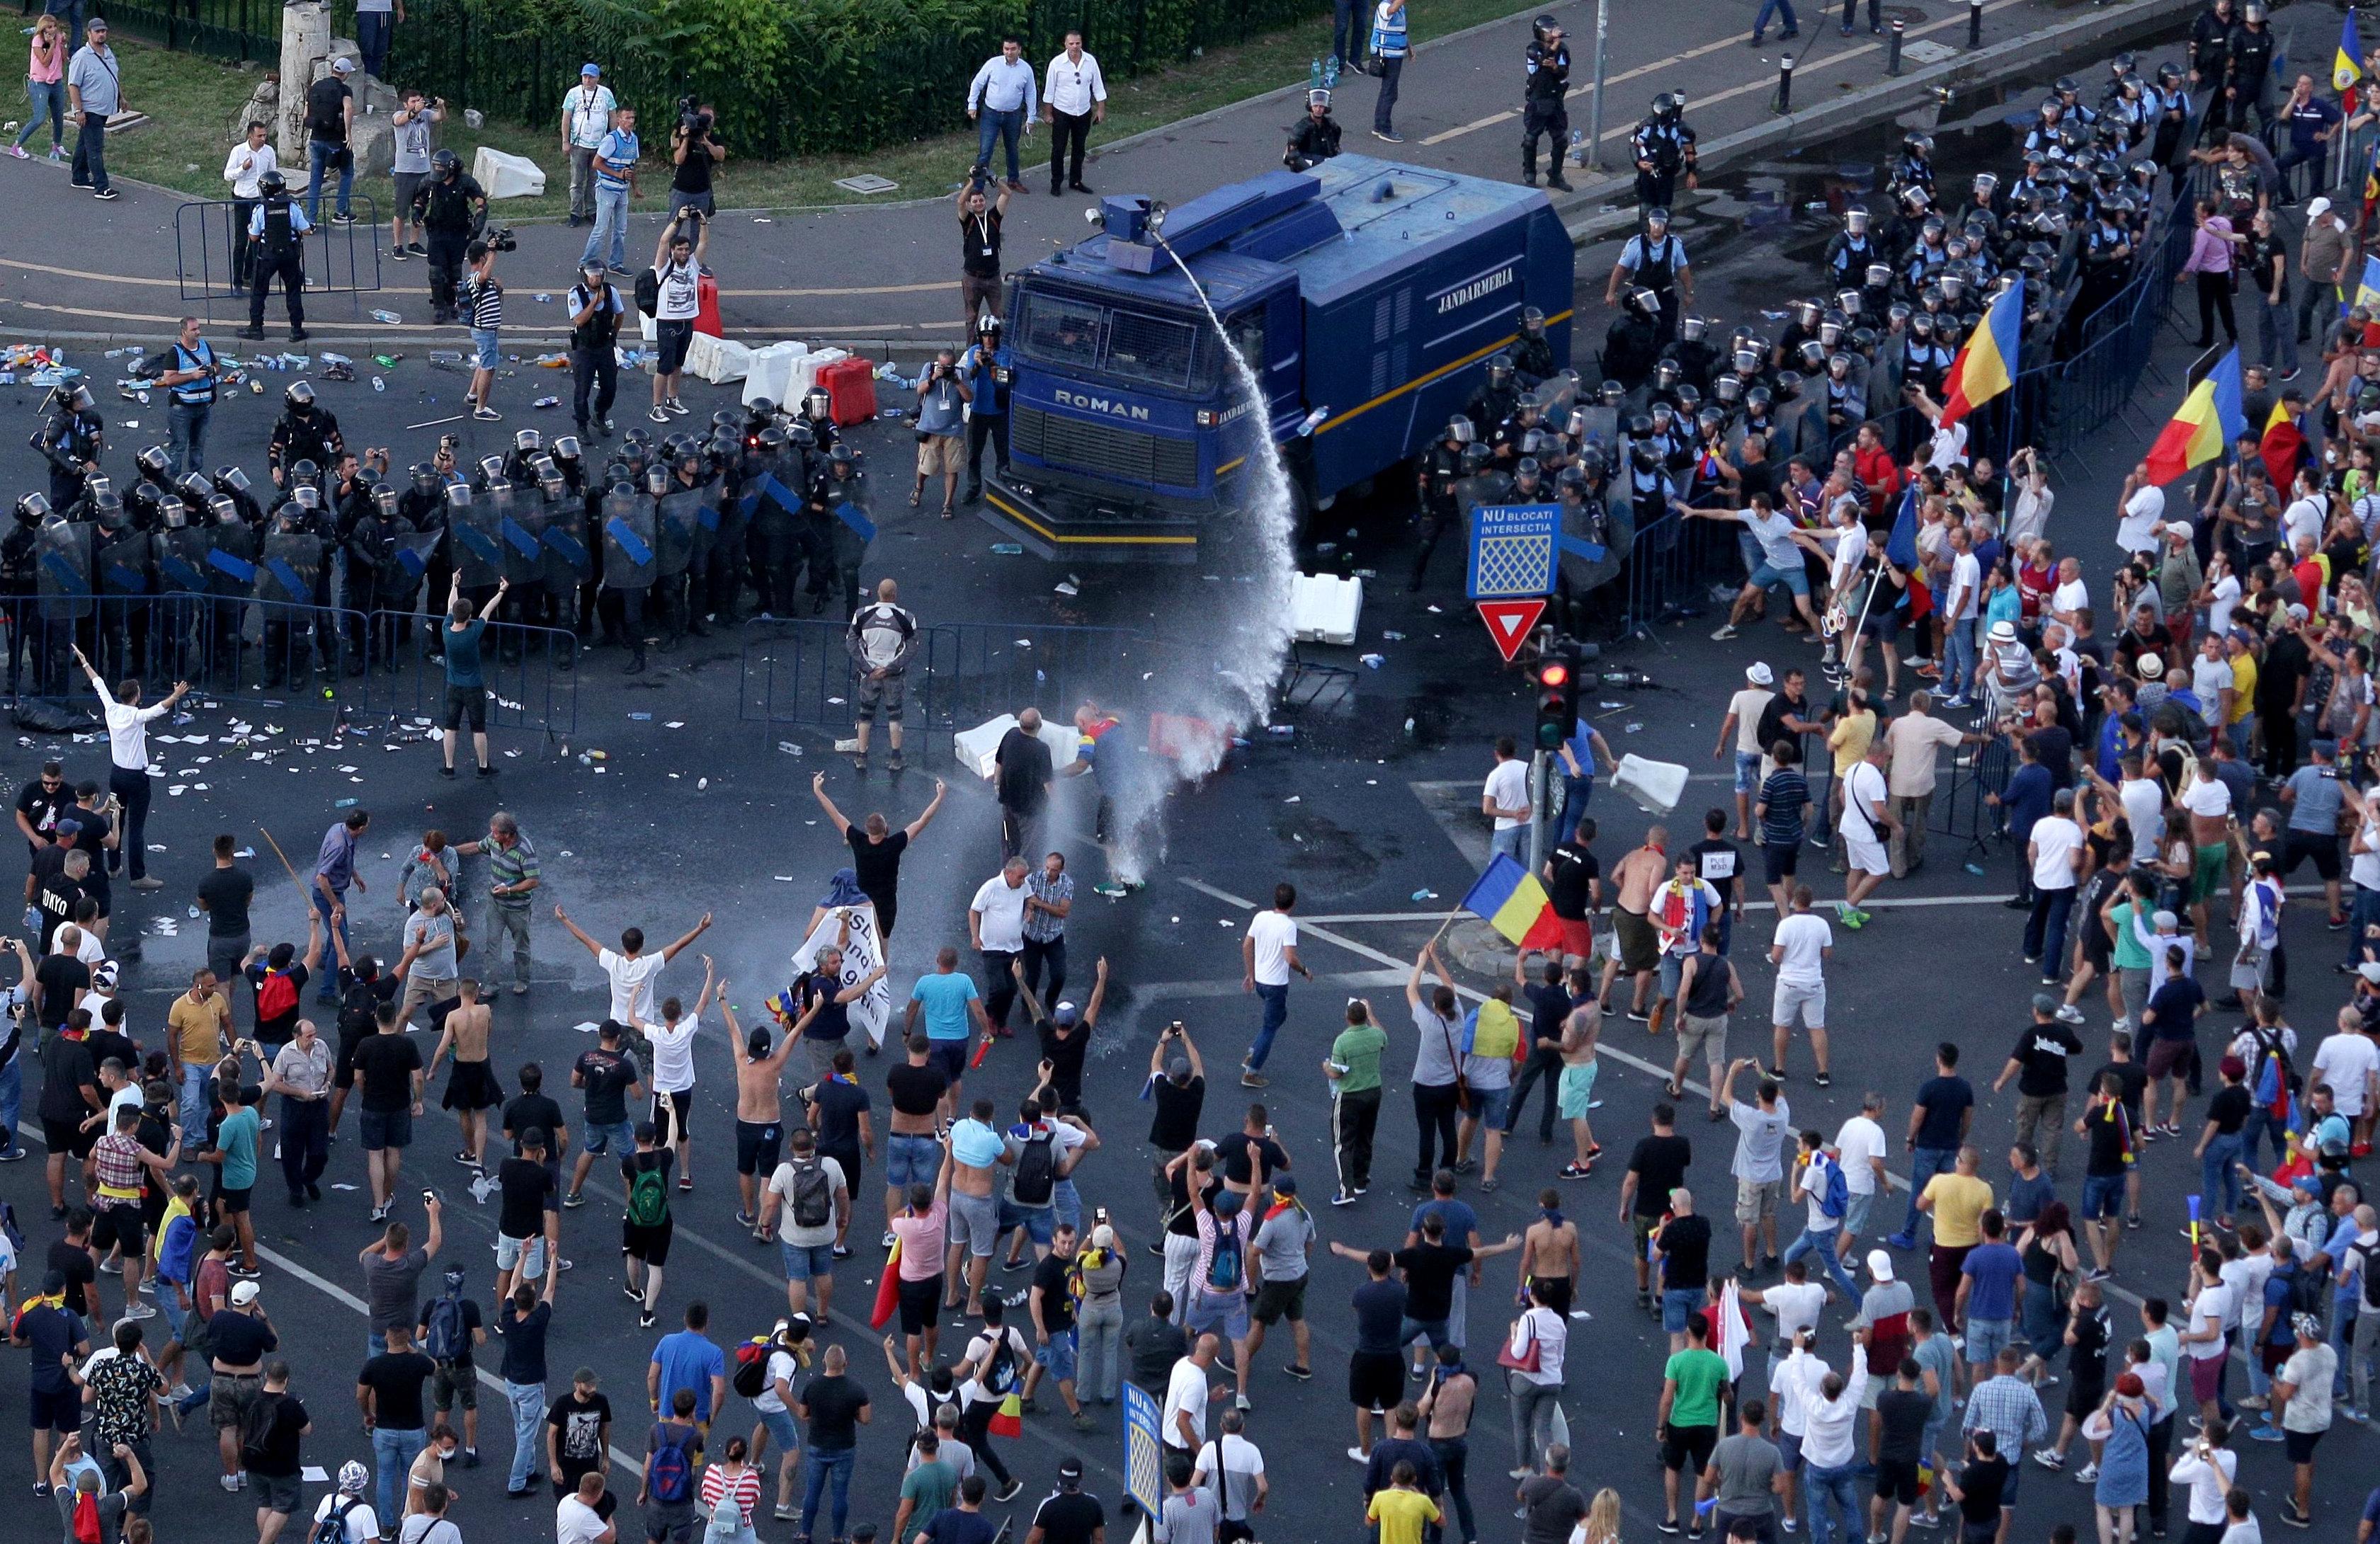 رشاشات المياه تطلق على المتظاهرين